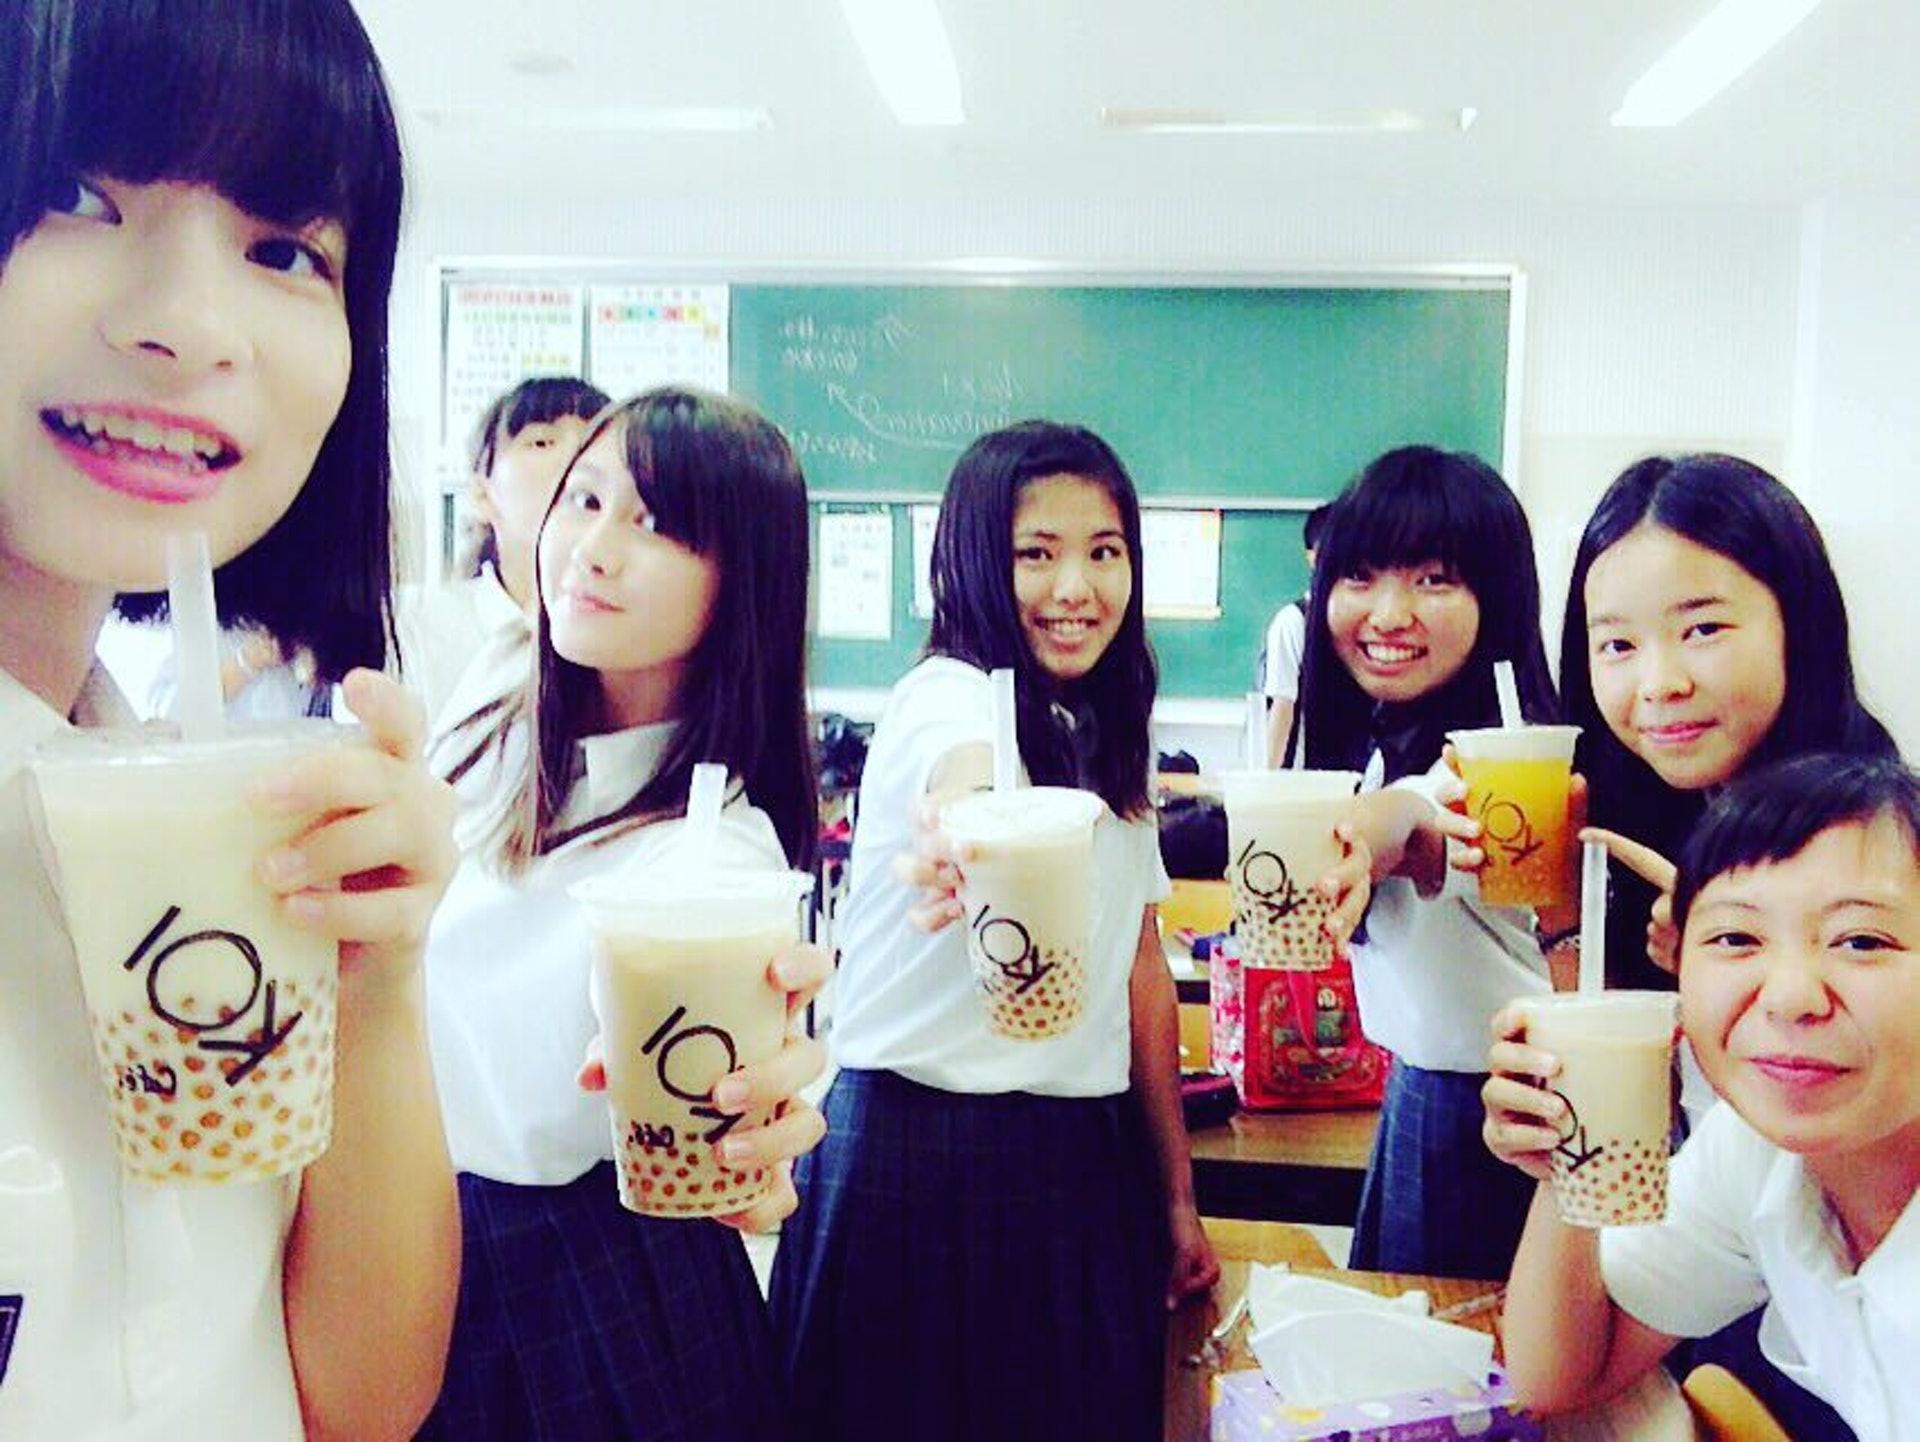 因為珍珠具有相當程度的飽足感,許多日本年輕人甚至已不吃三餐。(Instagram@koithejp)